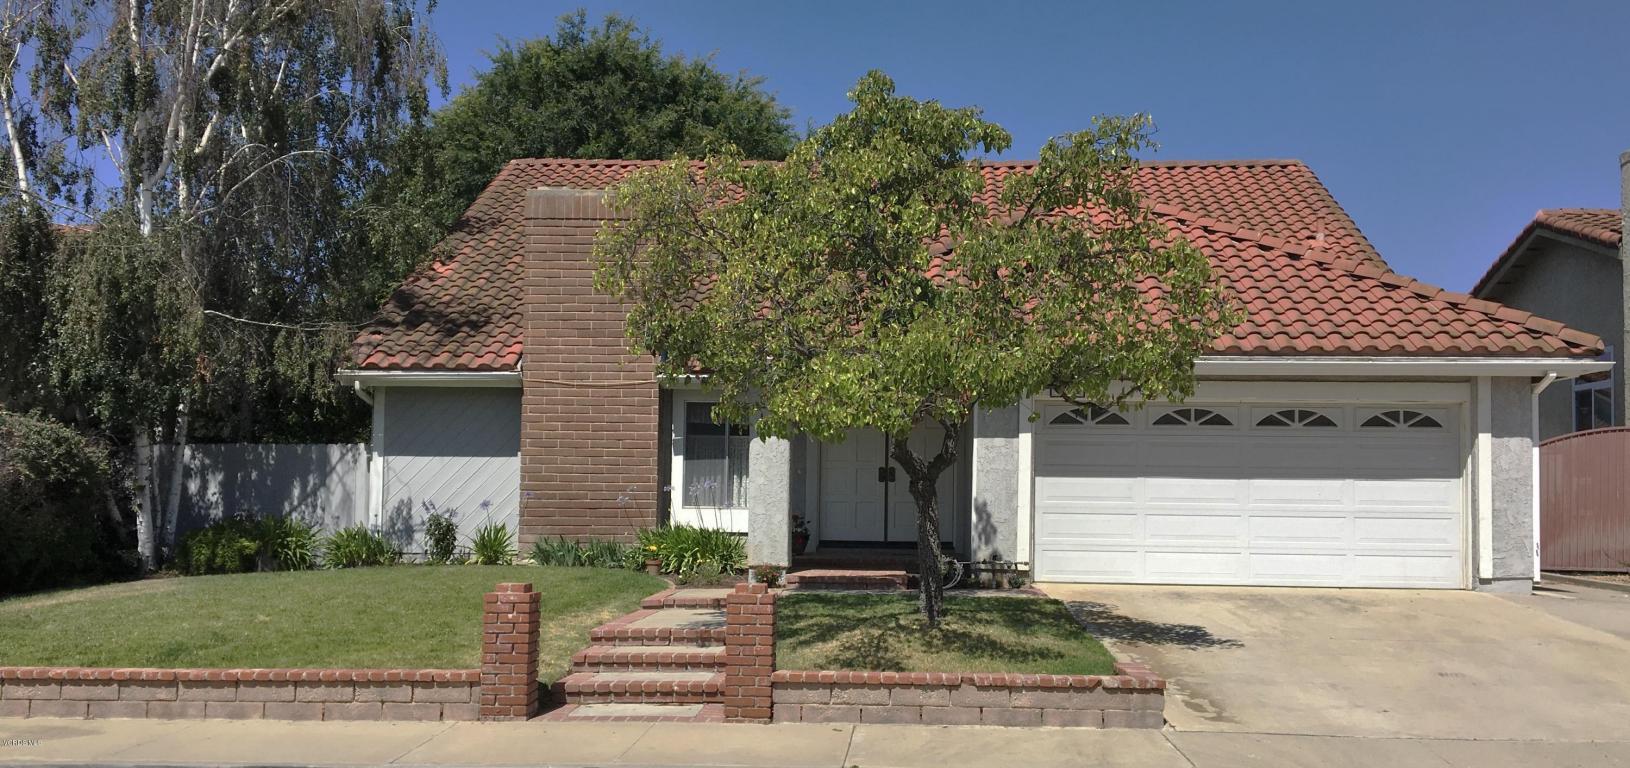 4723 Talmadge Road, Moorpark, CA 93021